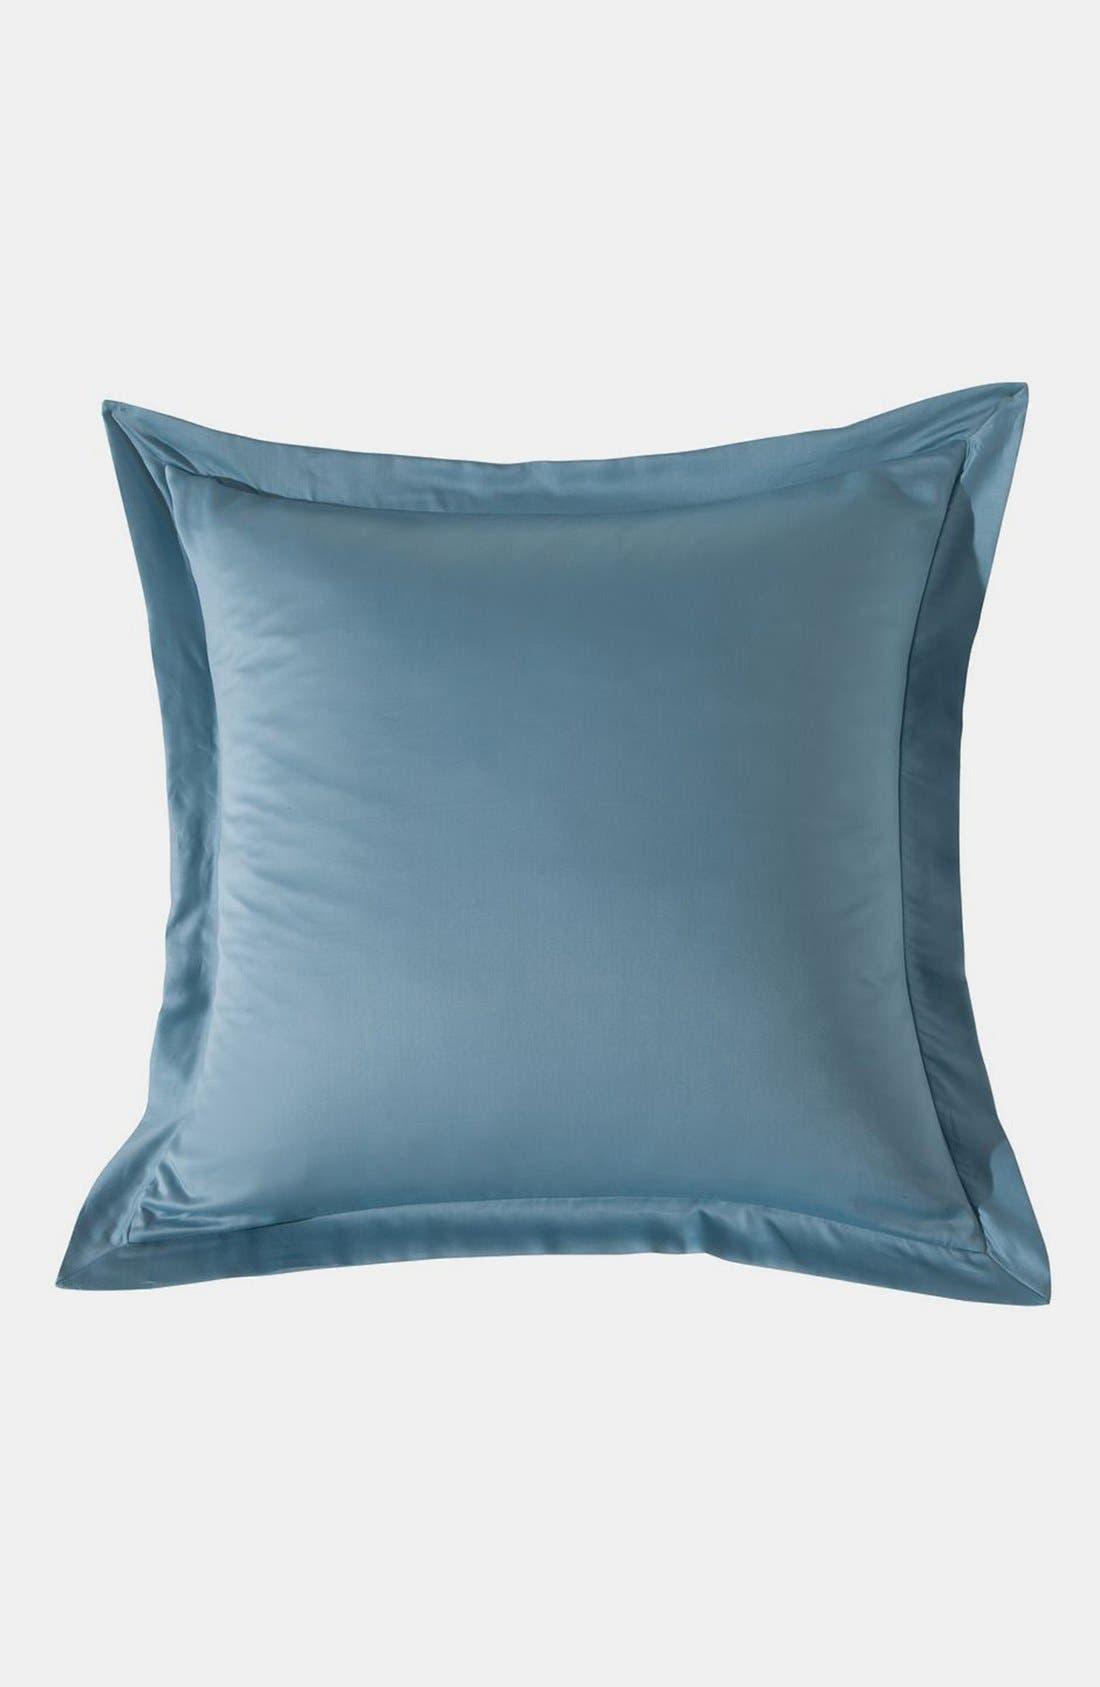 Main Image - kensie 'Blue Poppy' Euro Sham (Online Only)